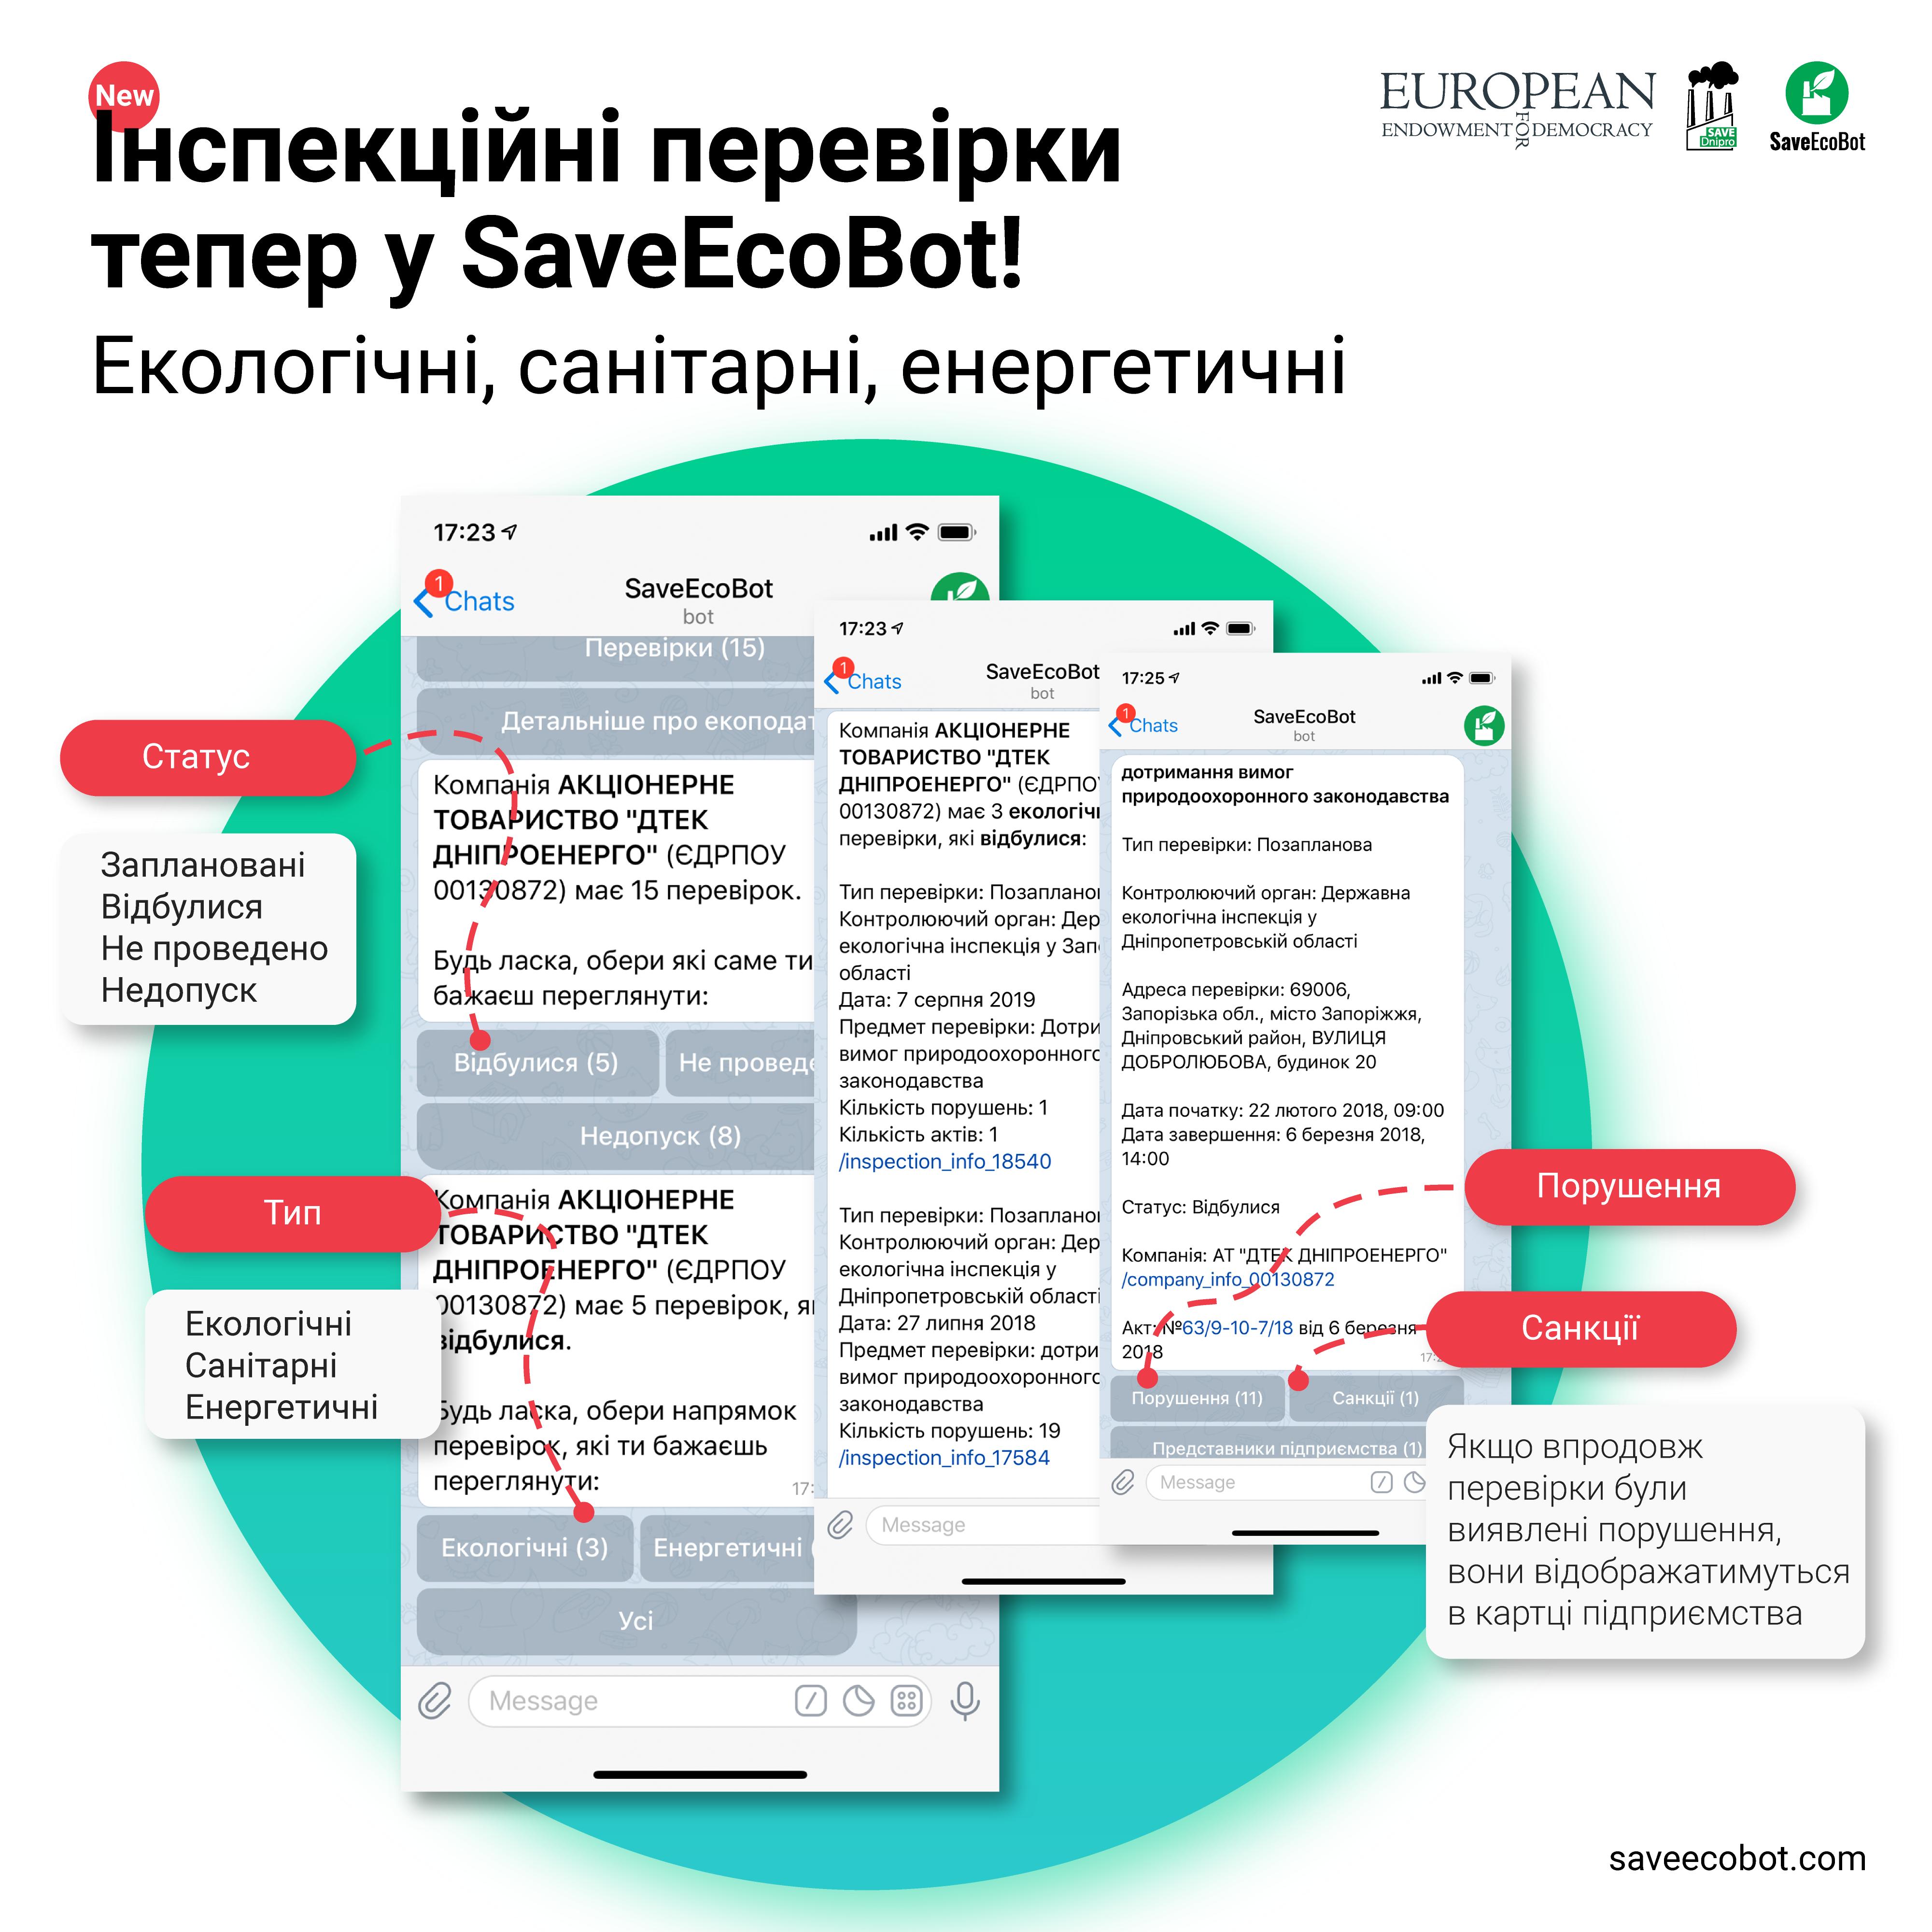 SaveEcoBot